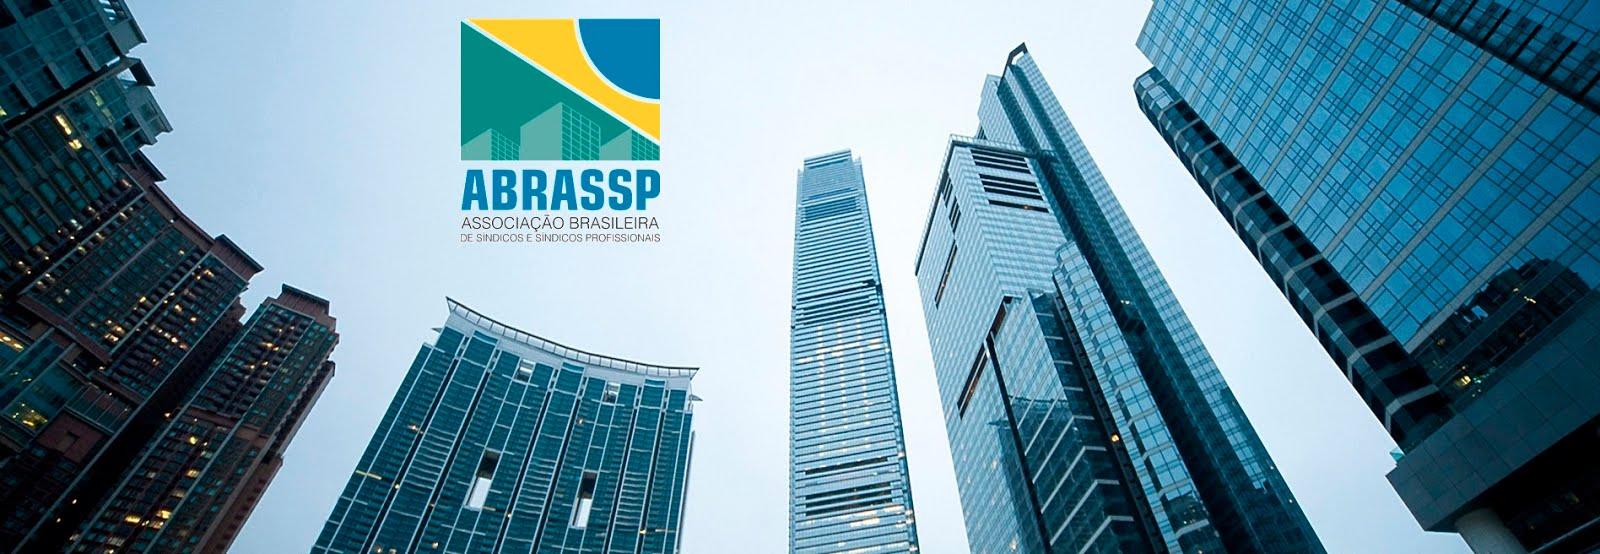 ABRASSP - Associação Brasileira de Síndicos e Síndicos Profissionais